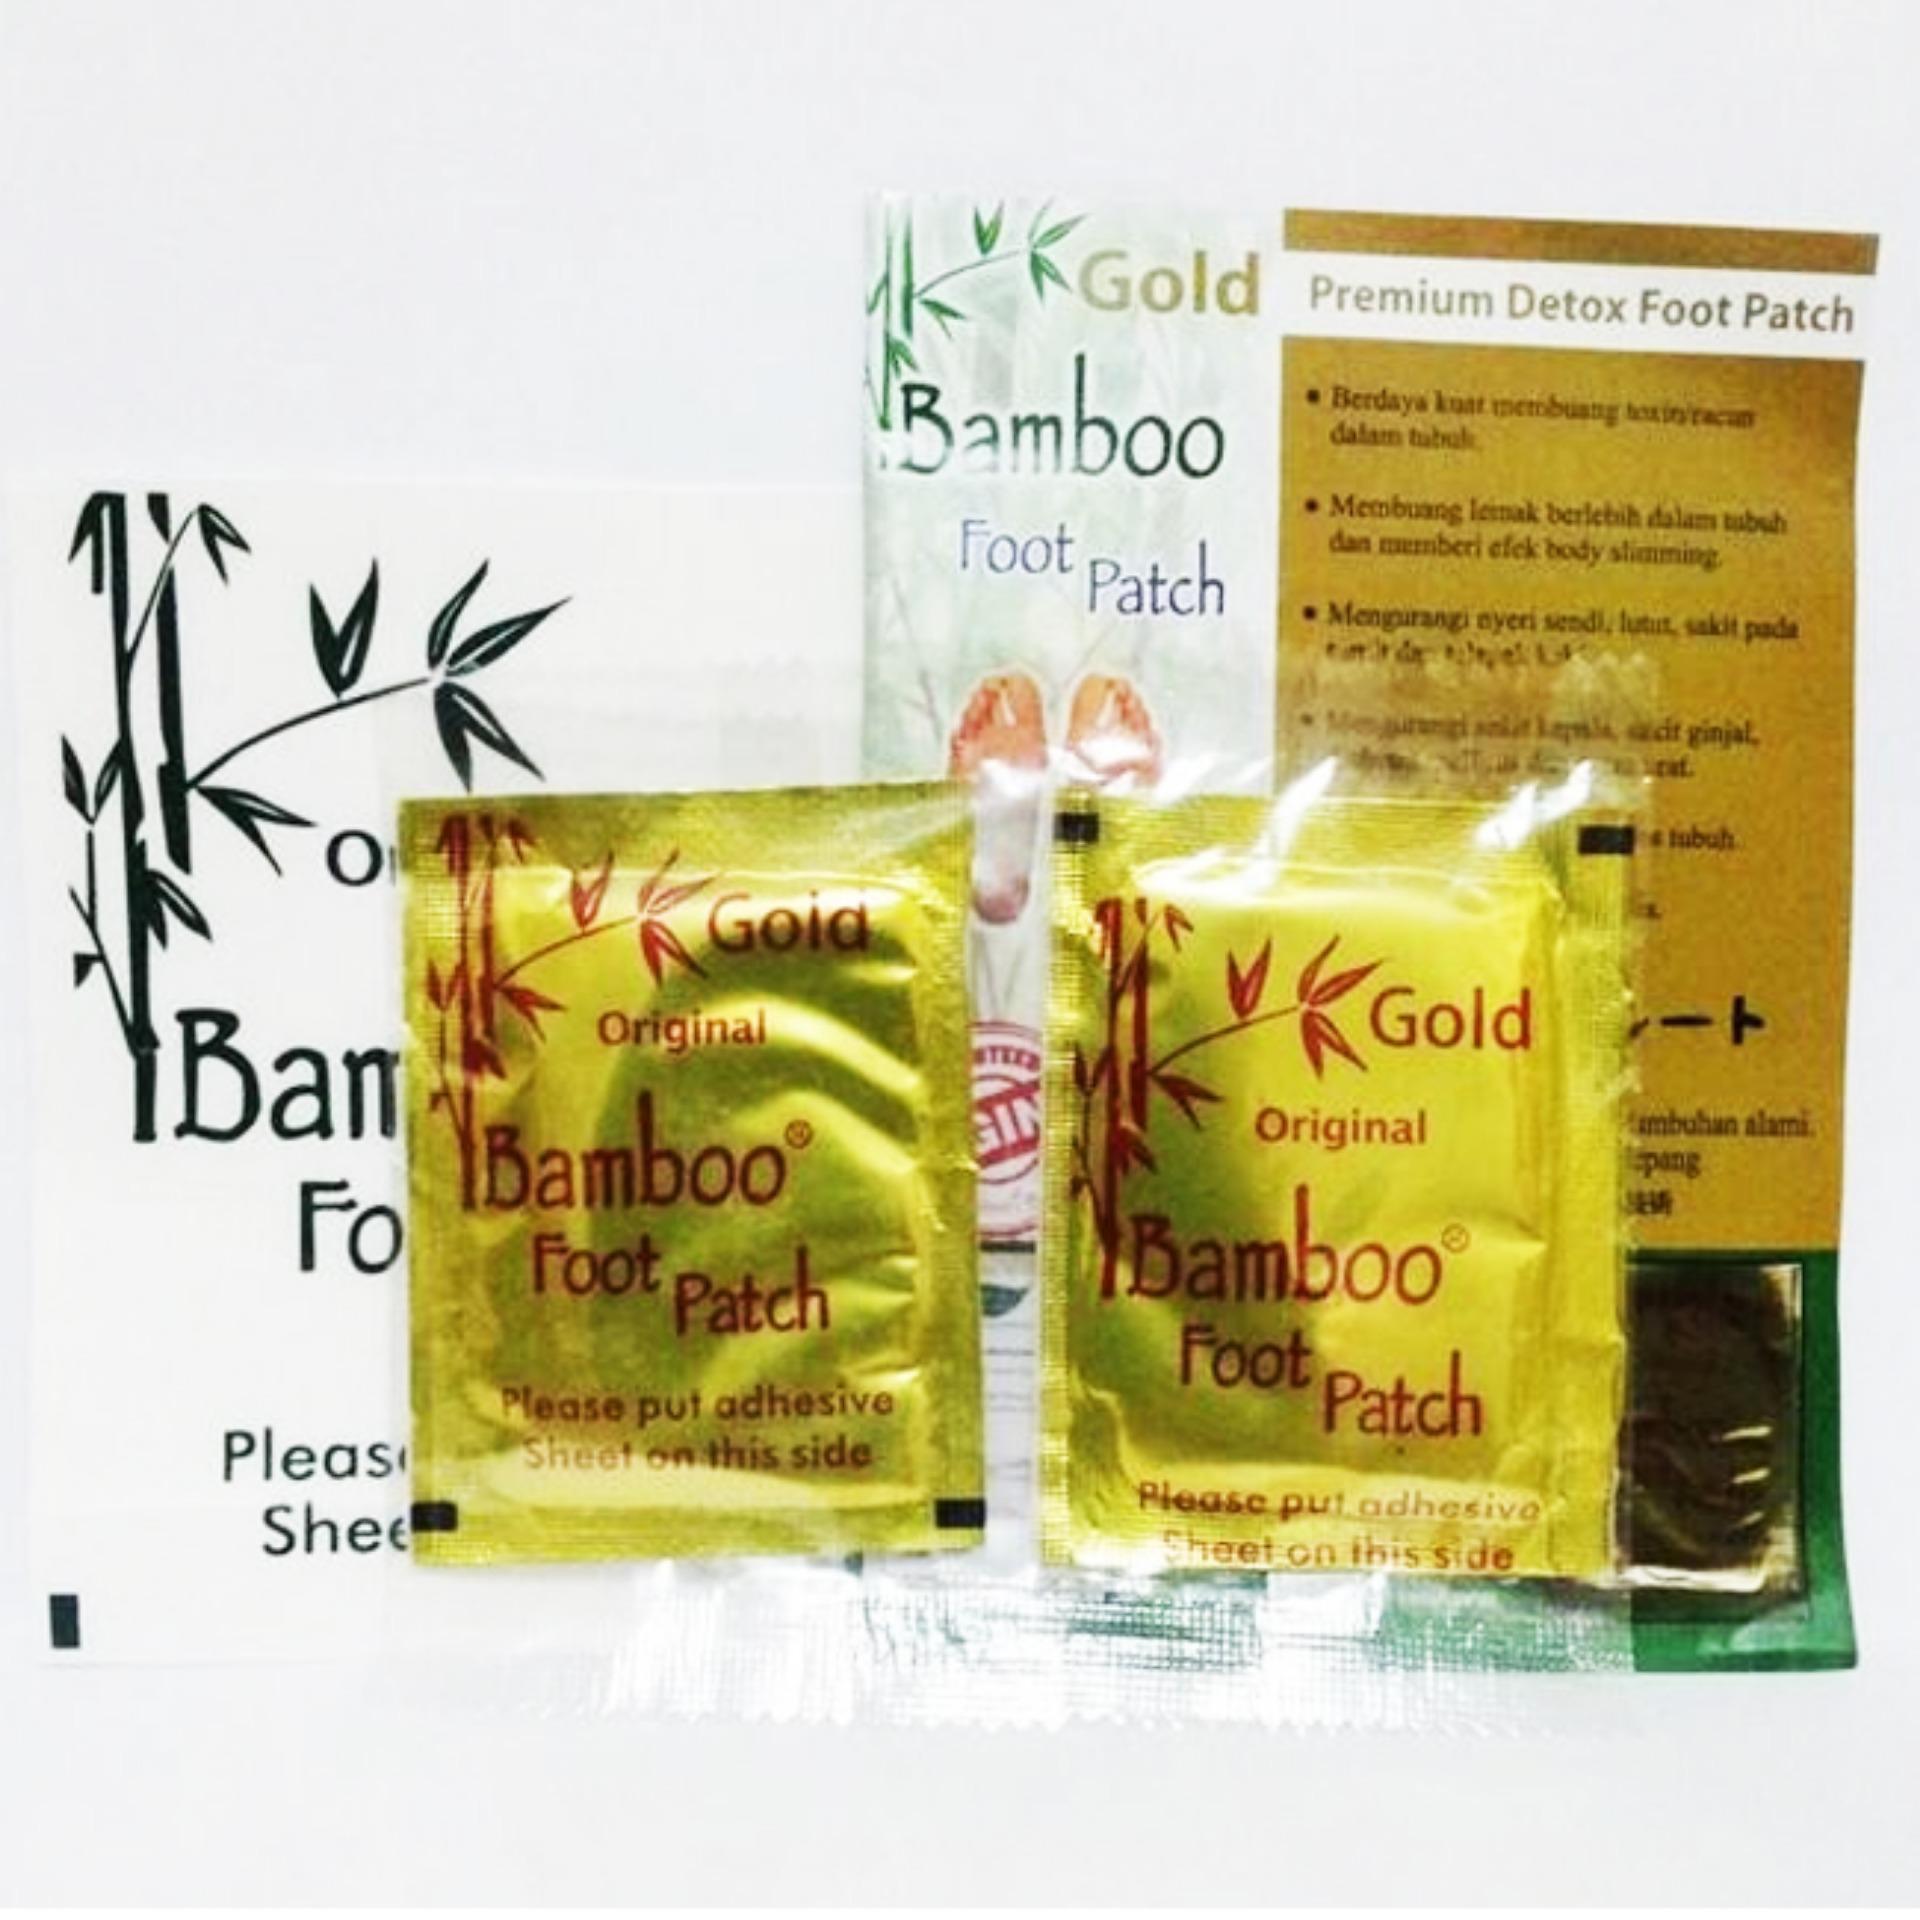 Kinoki Foot Patch Koyo Detox 9 Box Isi 90 Pcs Putih Daftar Harga 60 Di Source Herbal